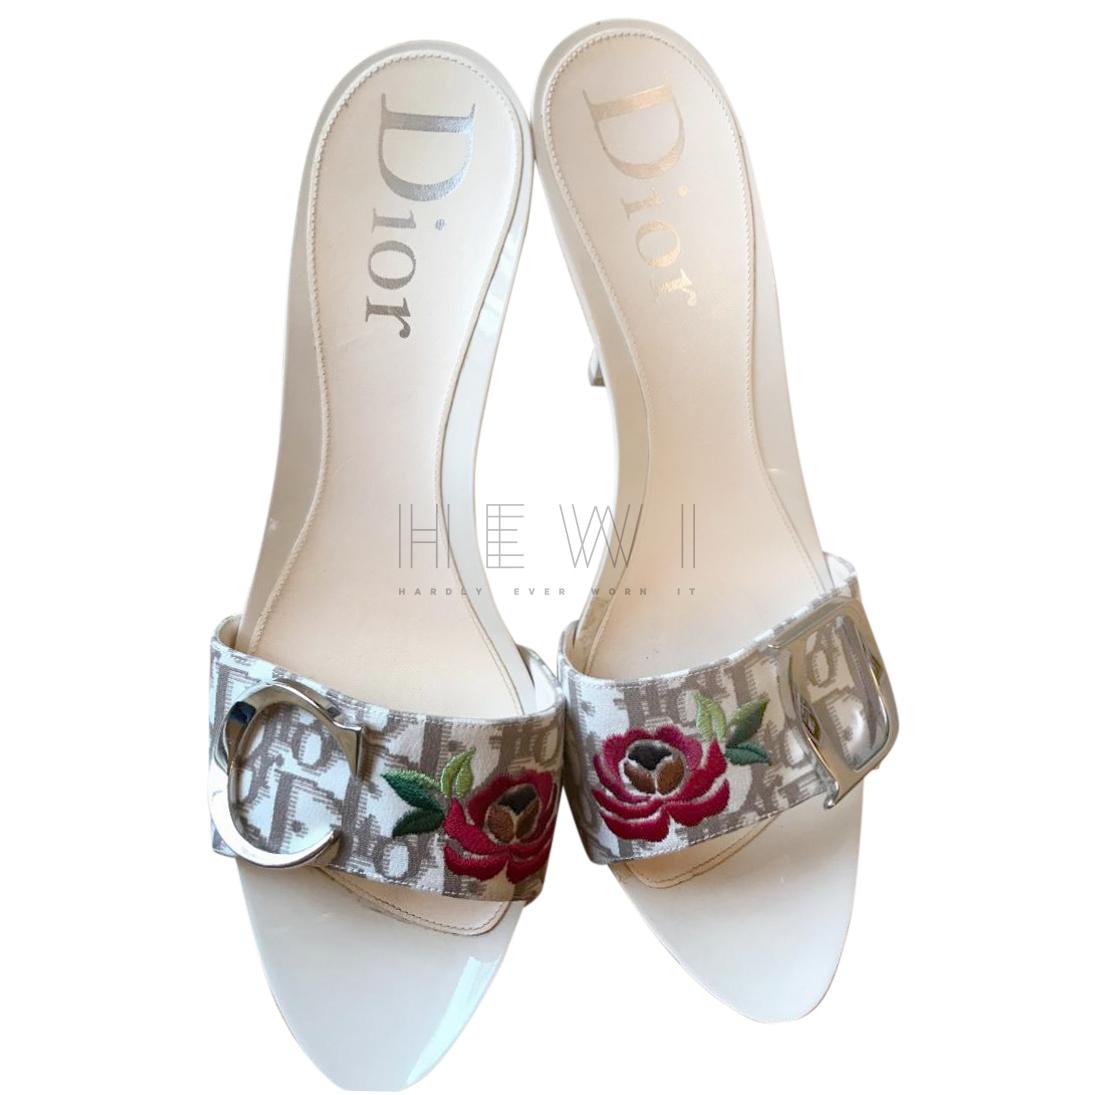 Dior Vintage Floral Embroidered Oblique Mules